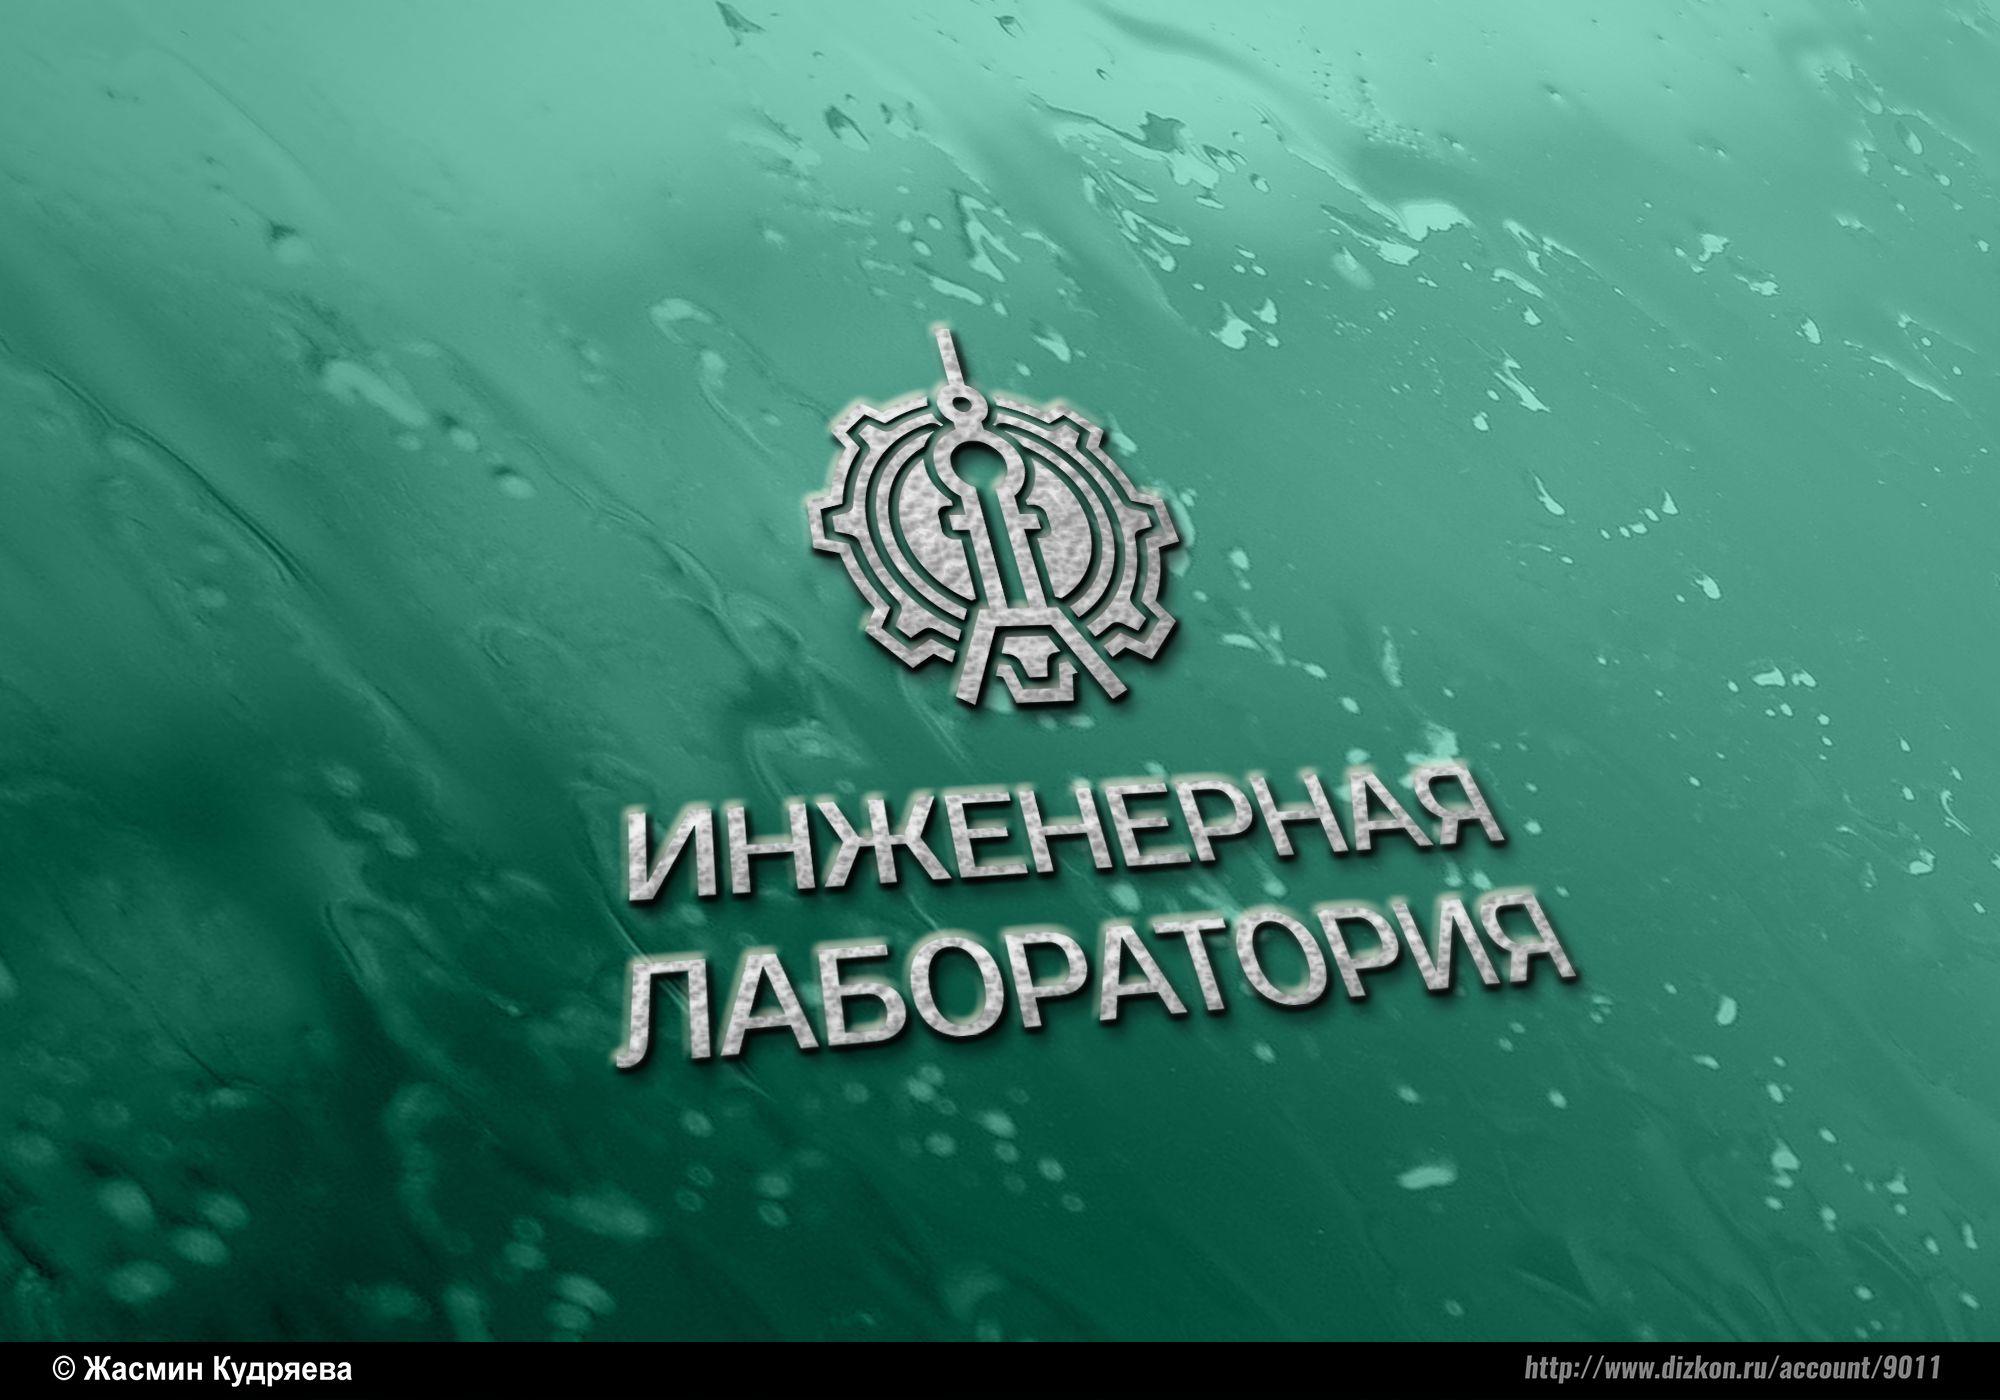 Лого и фирменный стиль для Инженерная лаборатория  - дизайнер Gas-Min